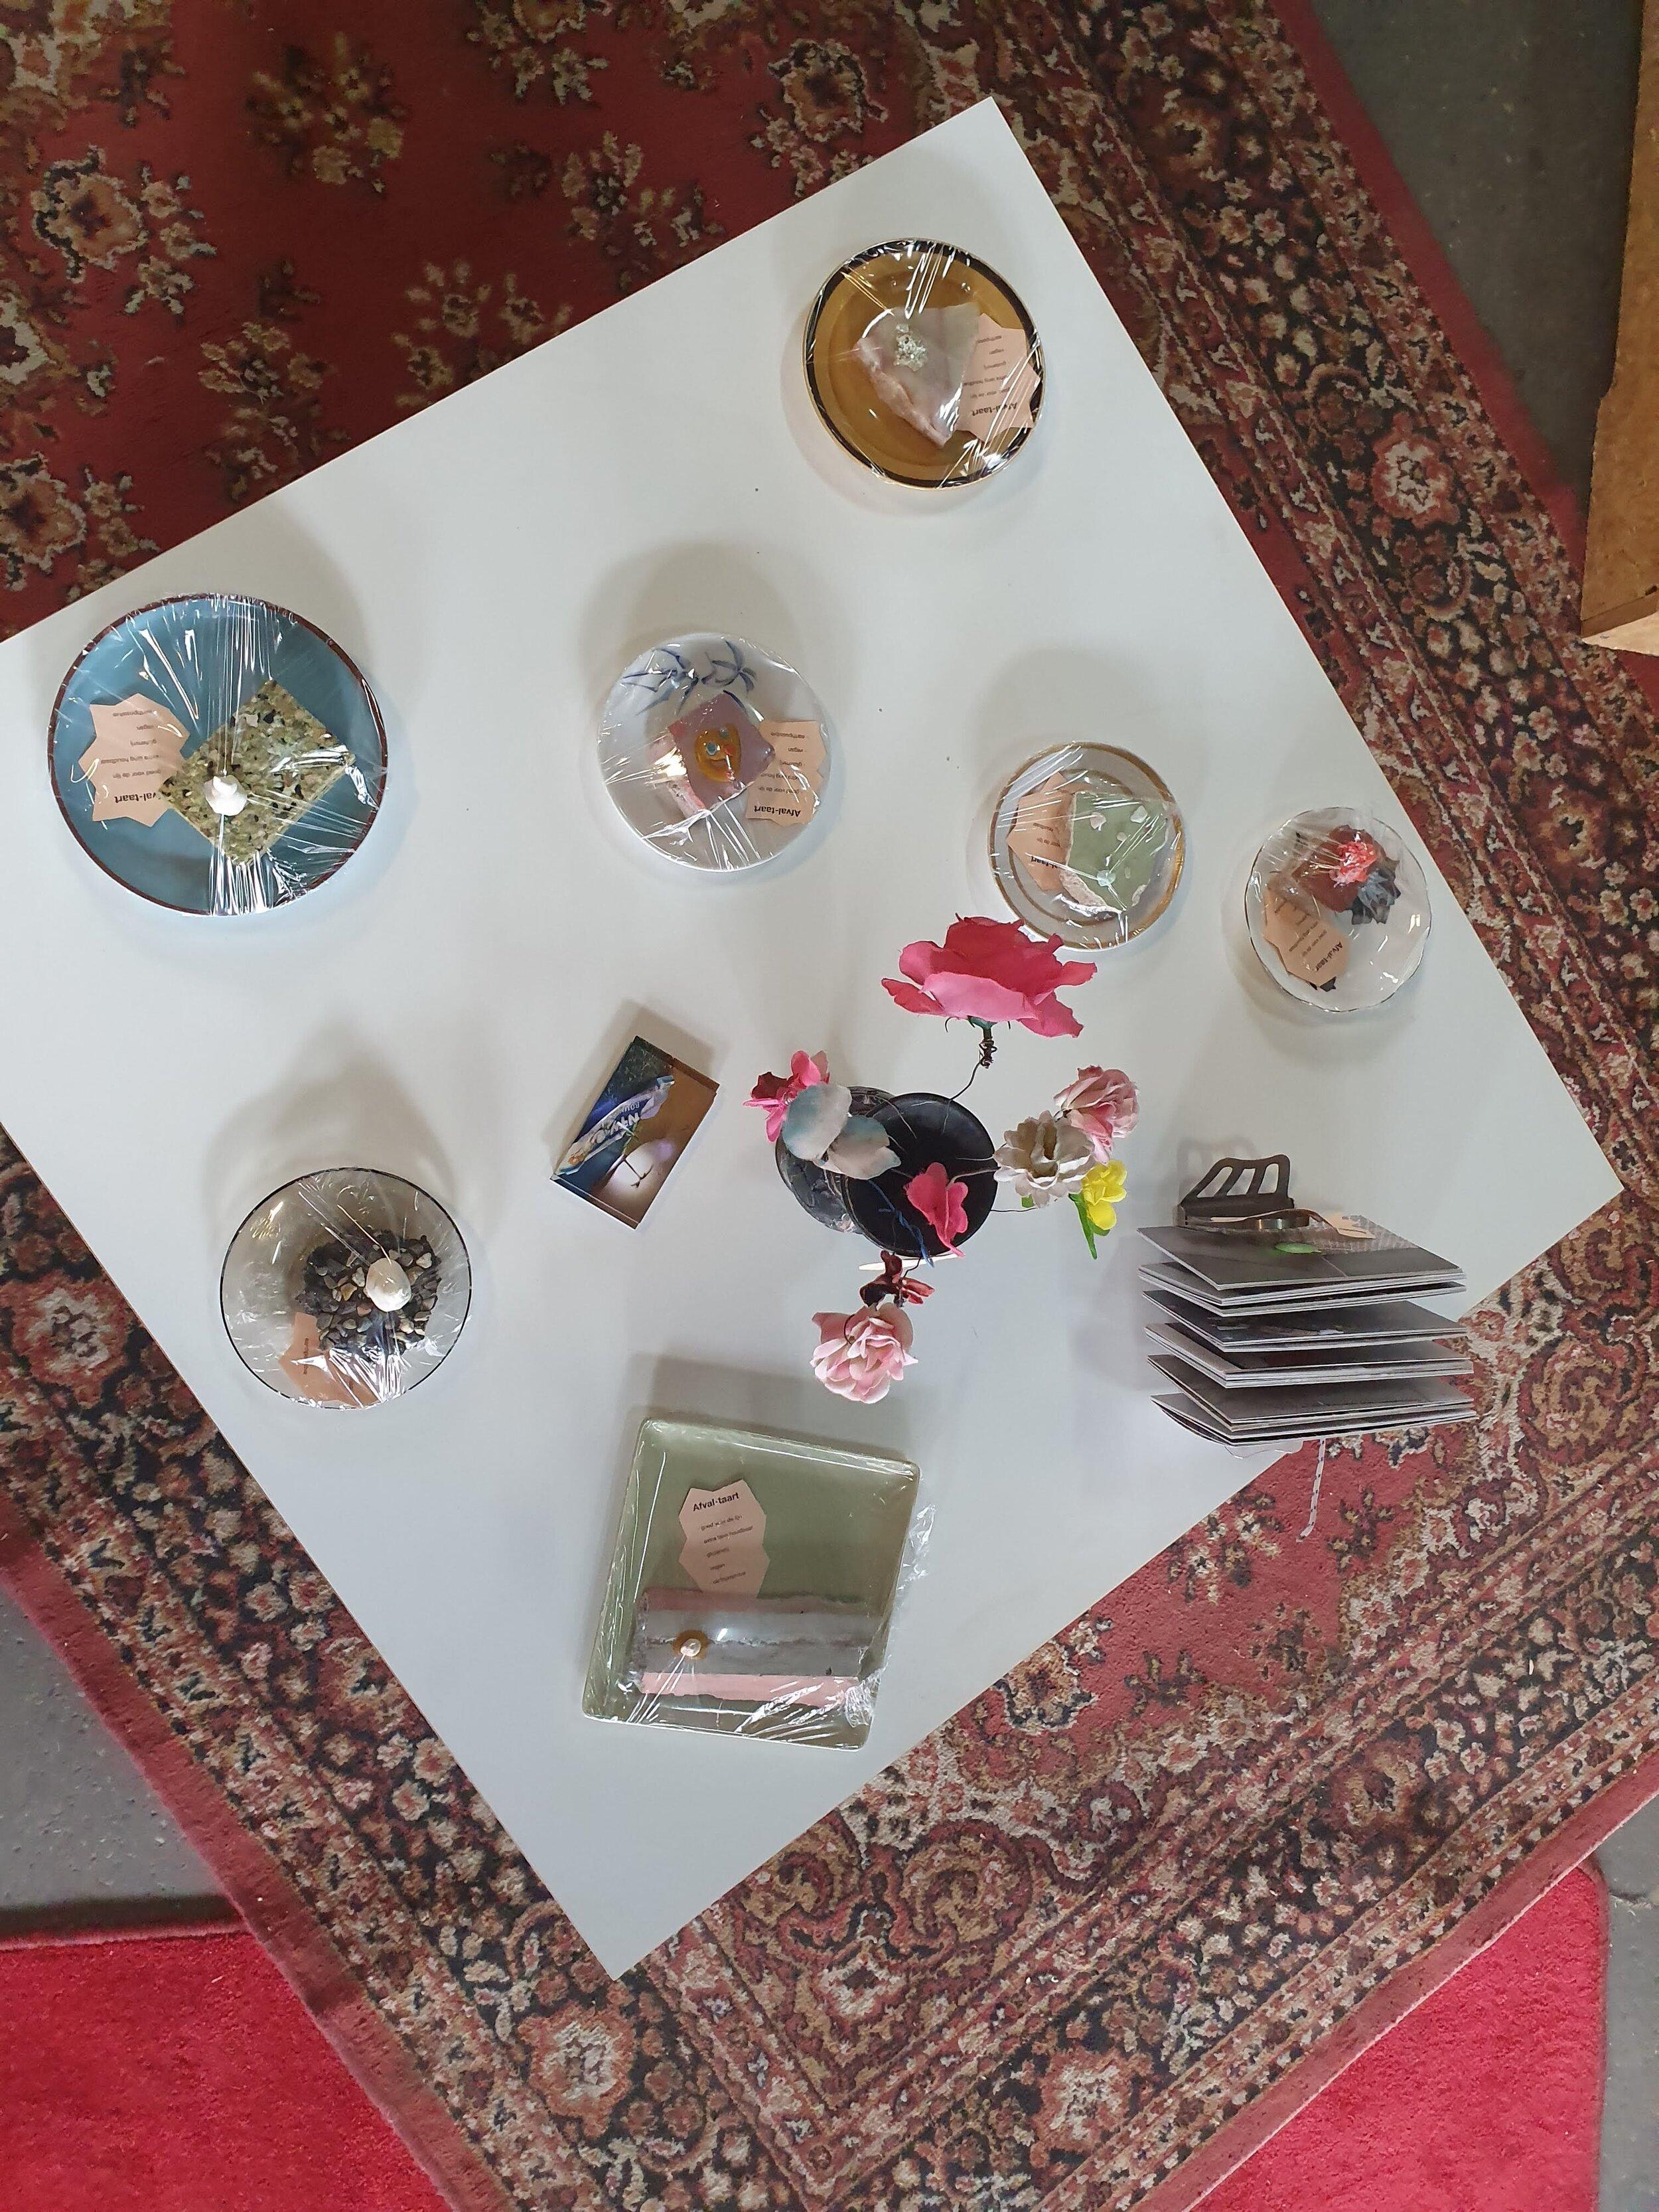 De kunstige taartjes van Malou Cohen